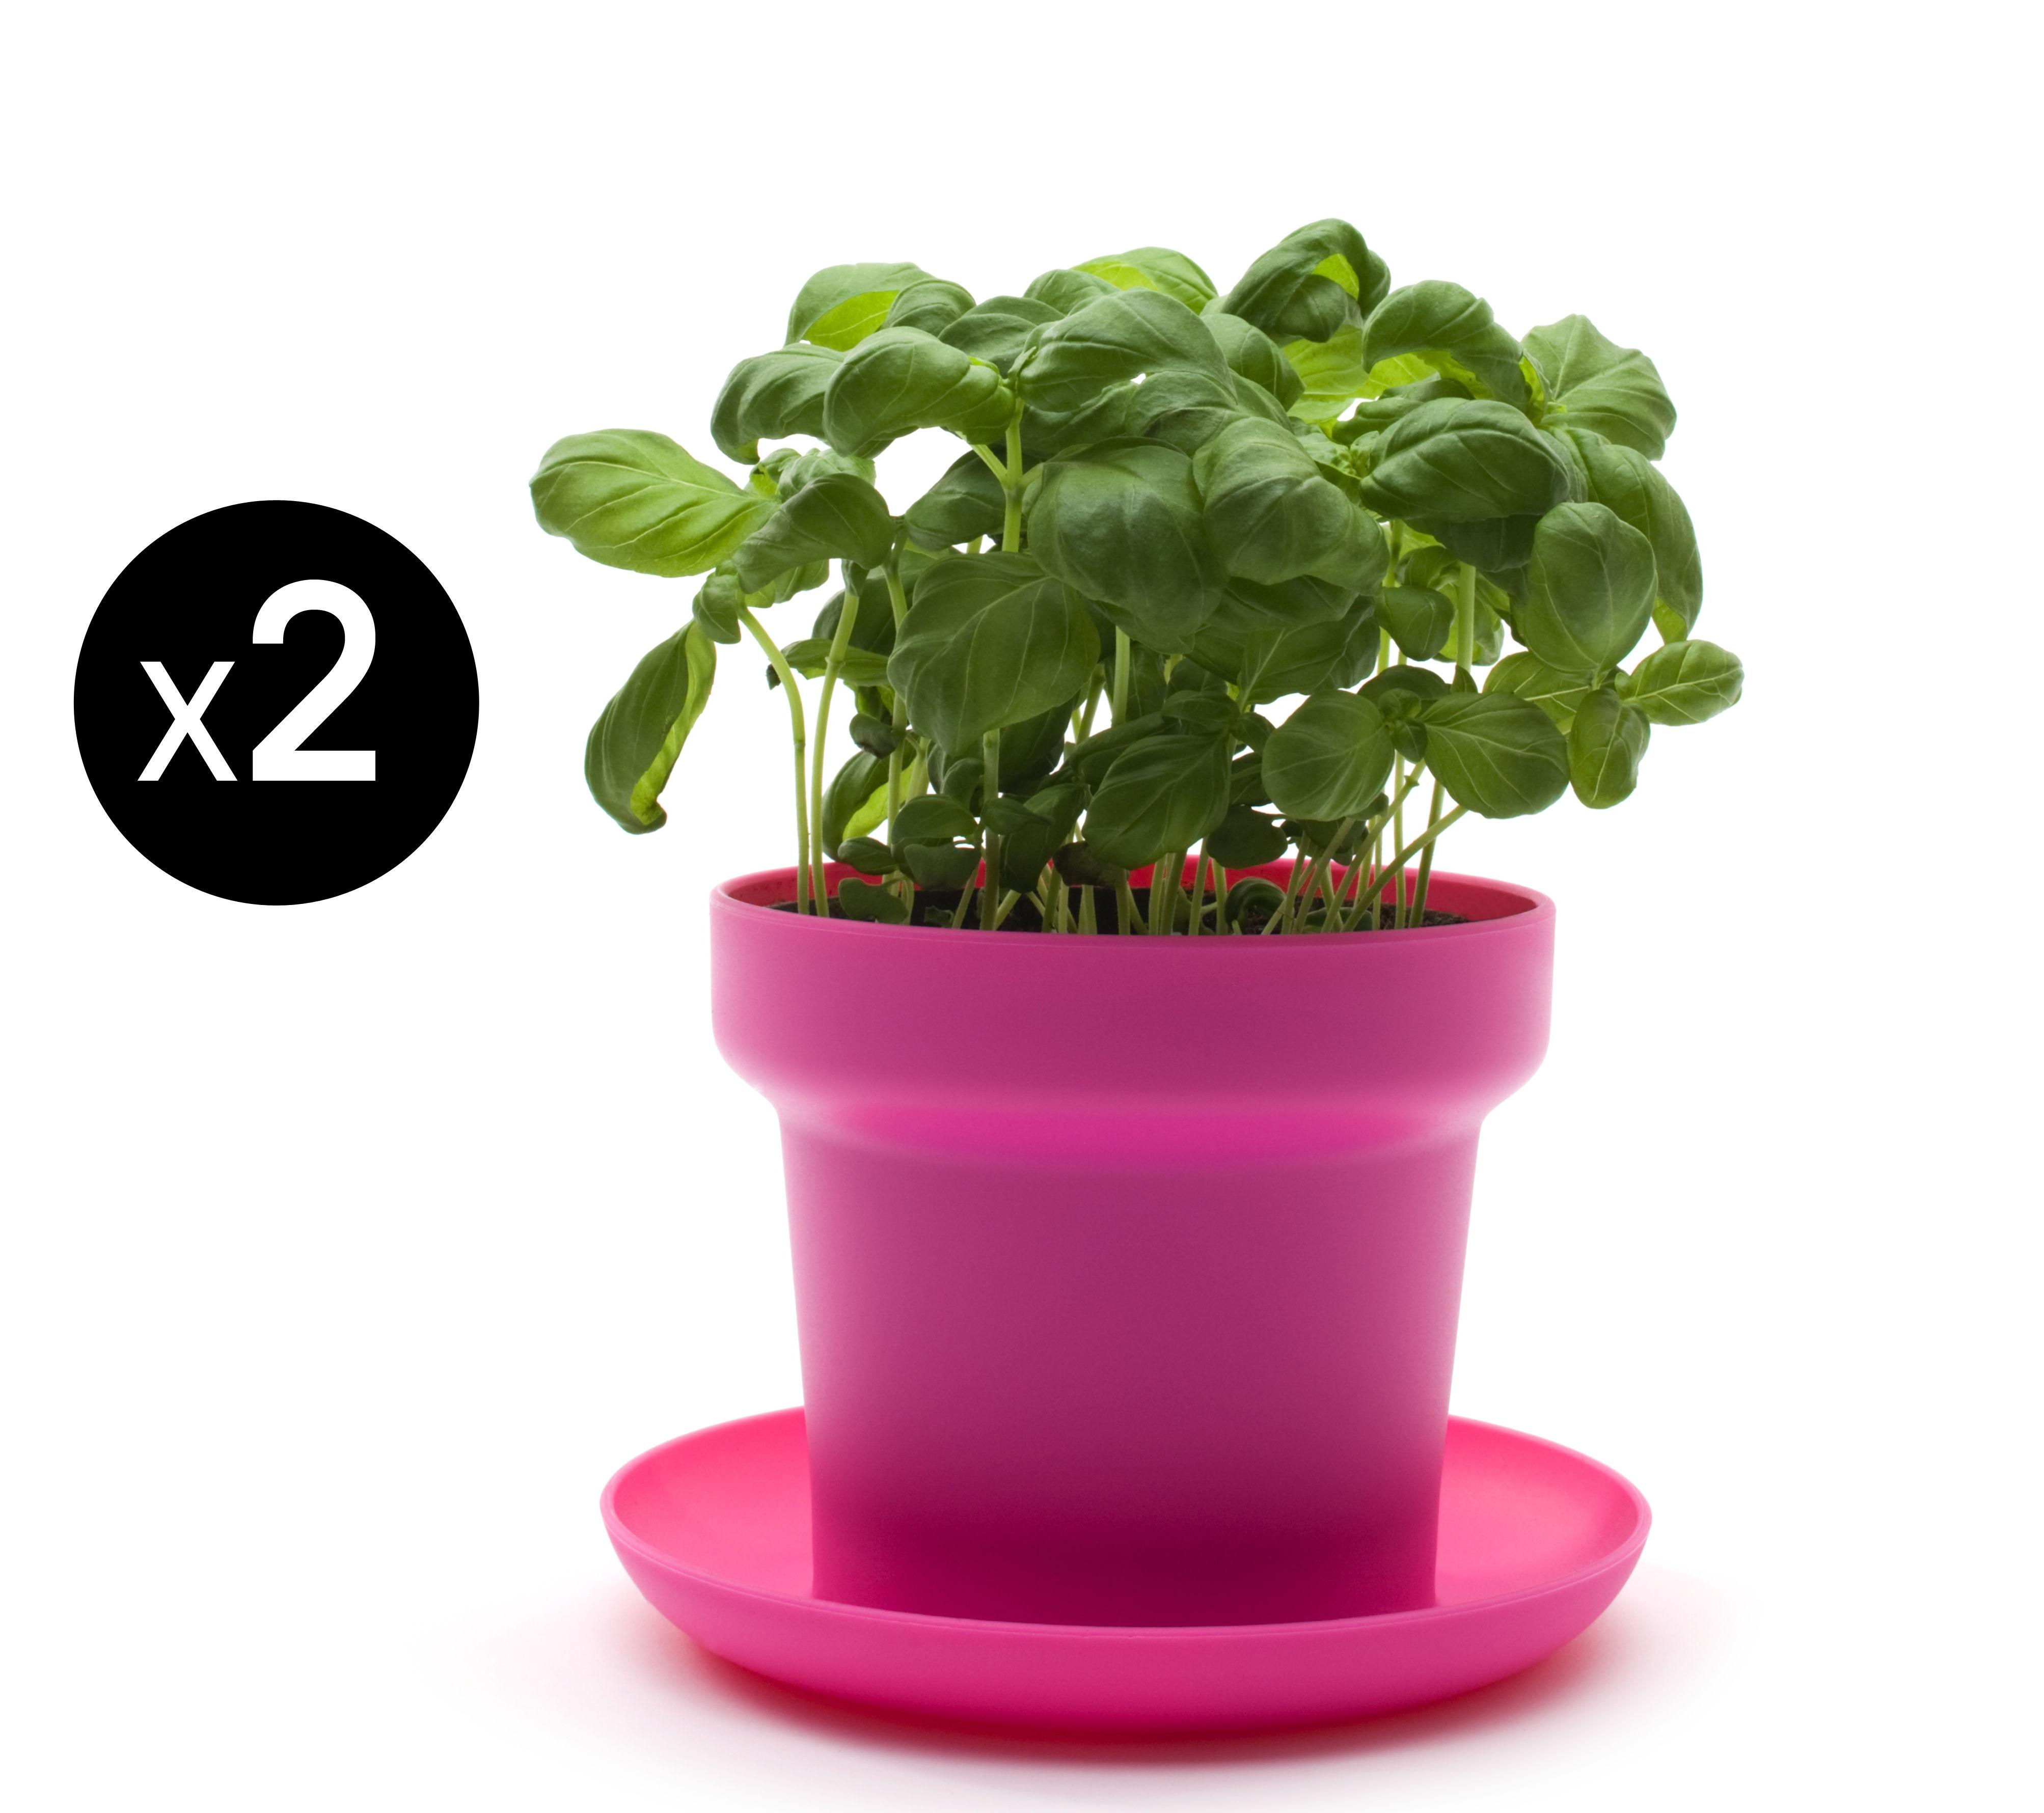 Outdoor - Vasi e Piante - Vaso per fiori Green - / Set da 2 di Authentics - Rosa - Polipropilene